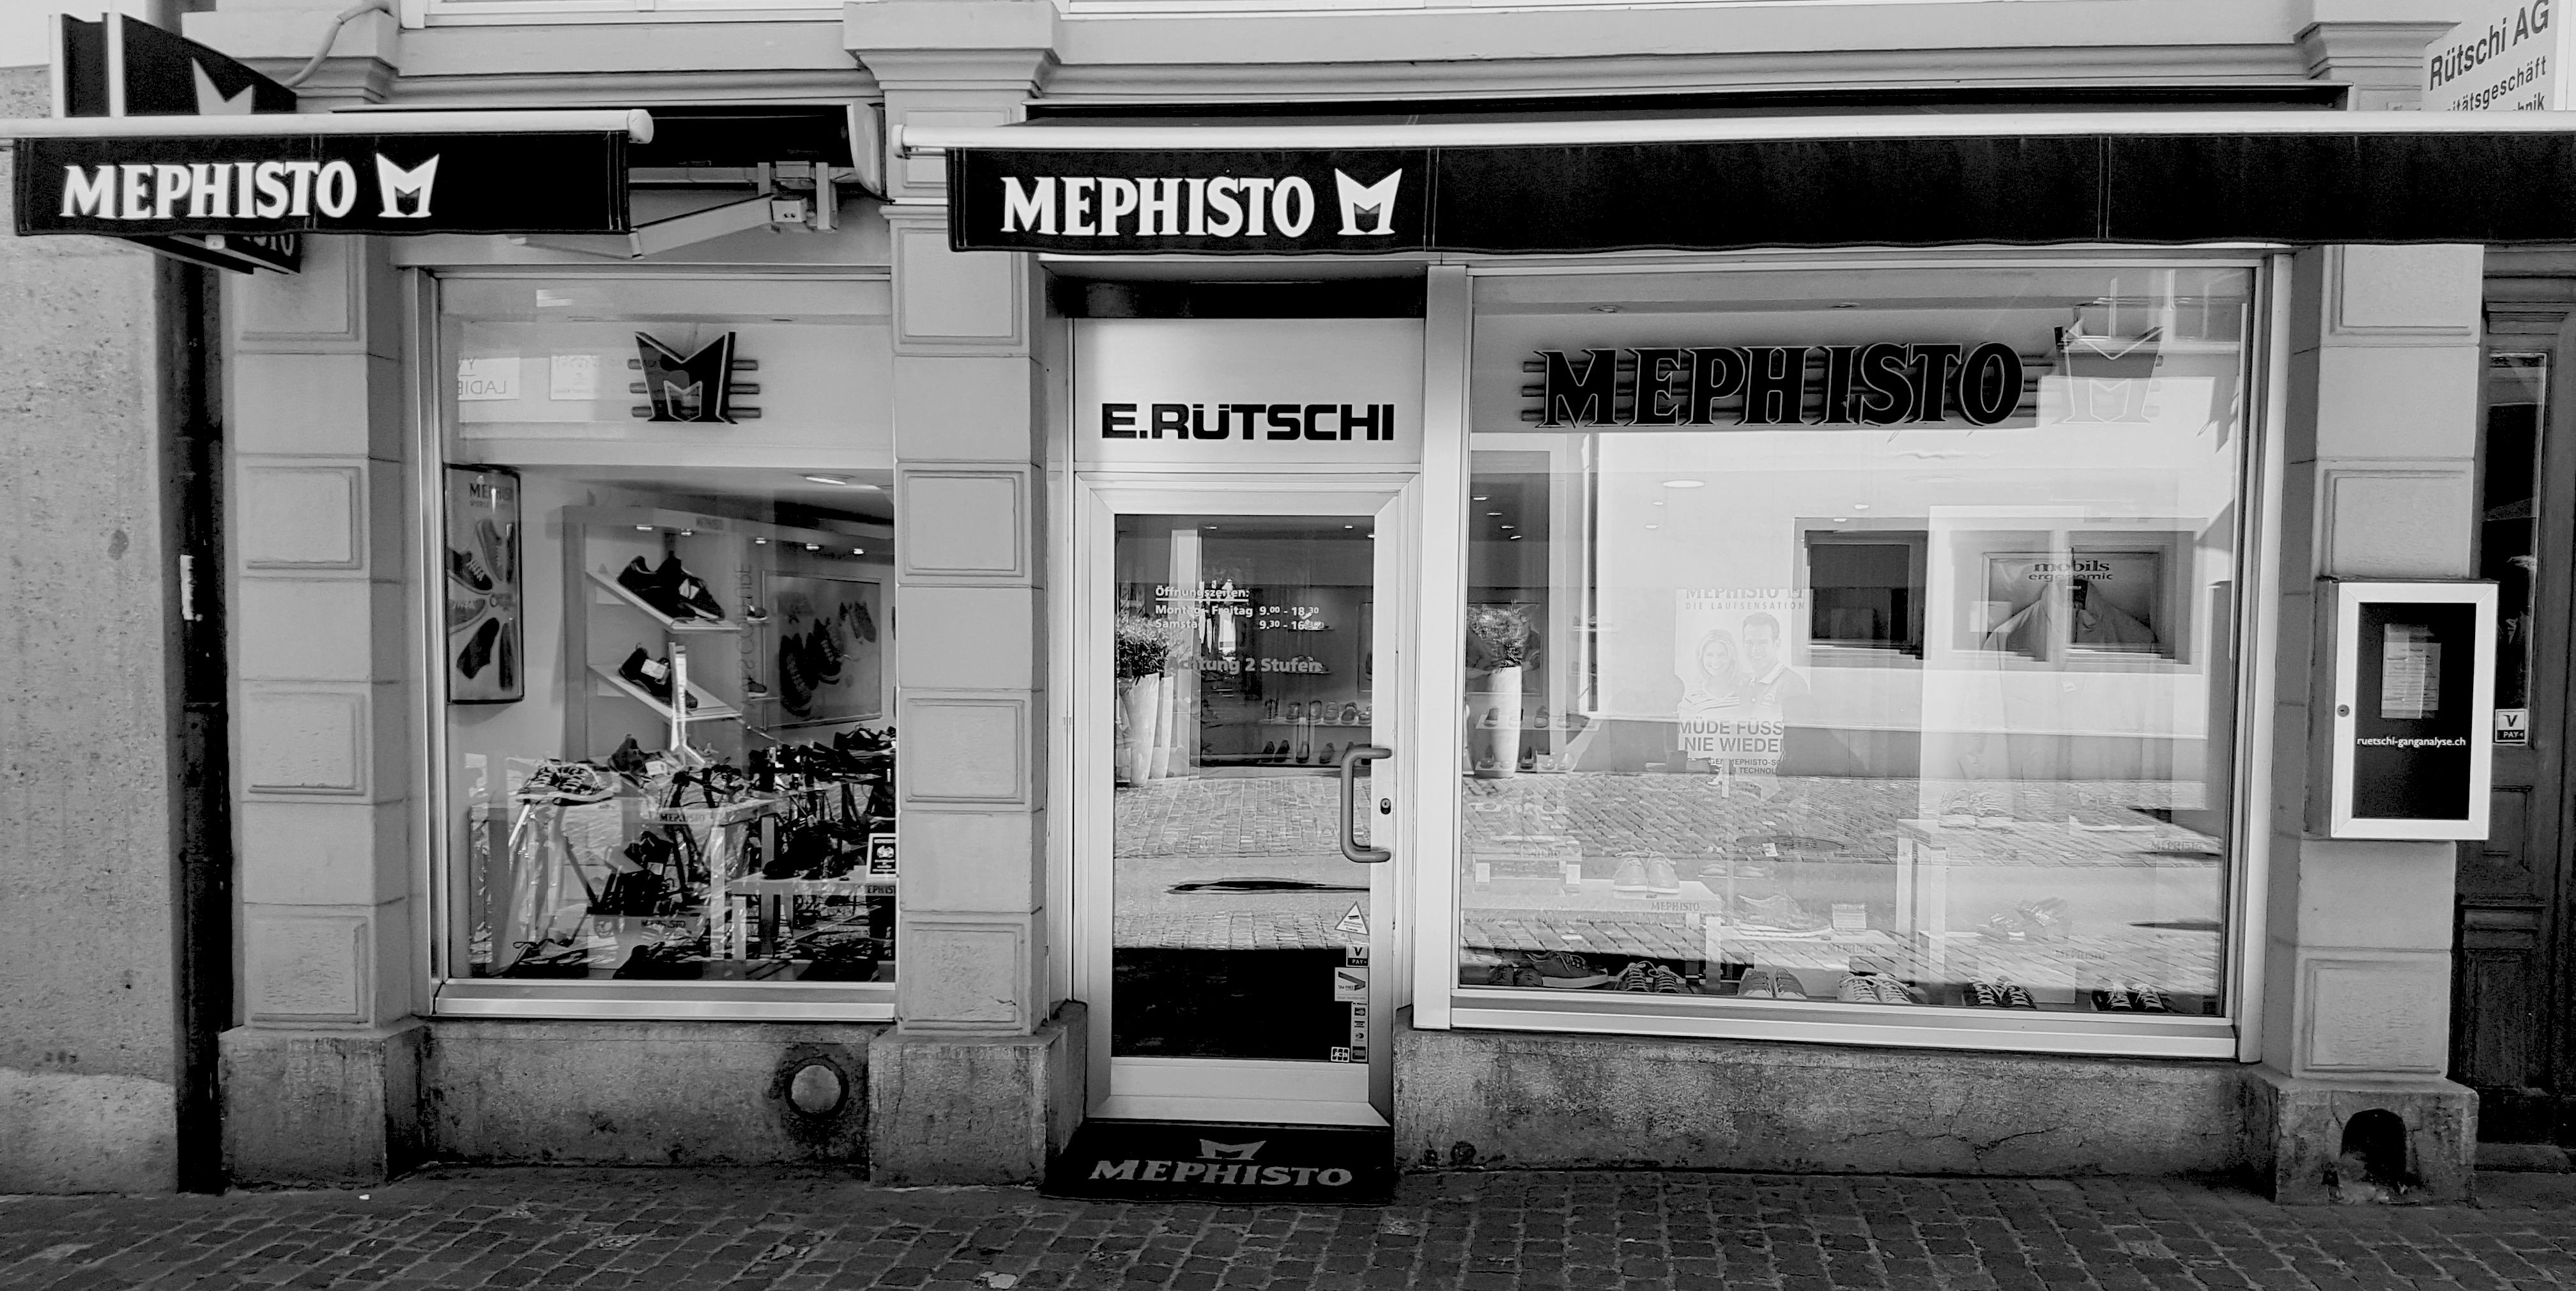 mephisto zurich front